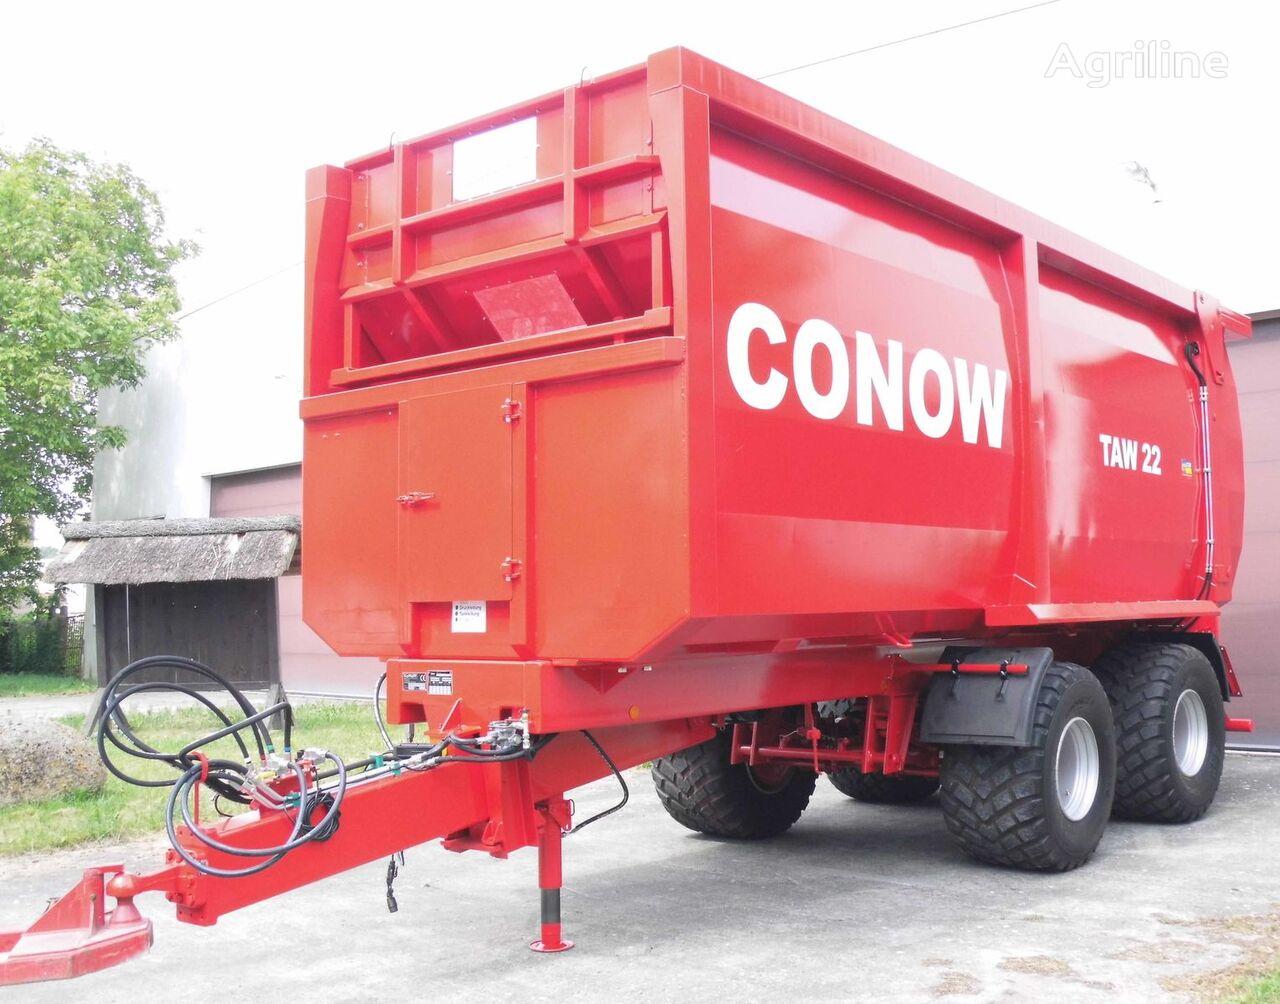 naujas traktoriaus priekaba CONOW TAW 22